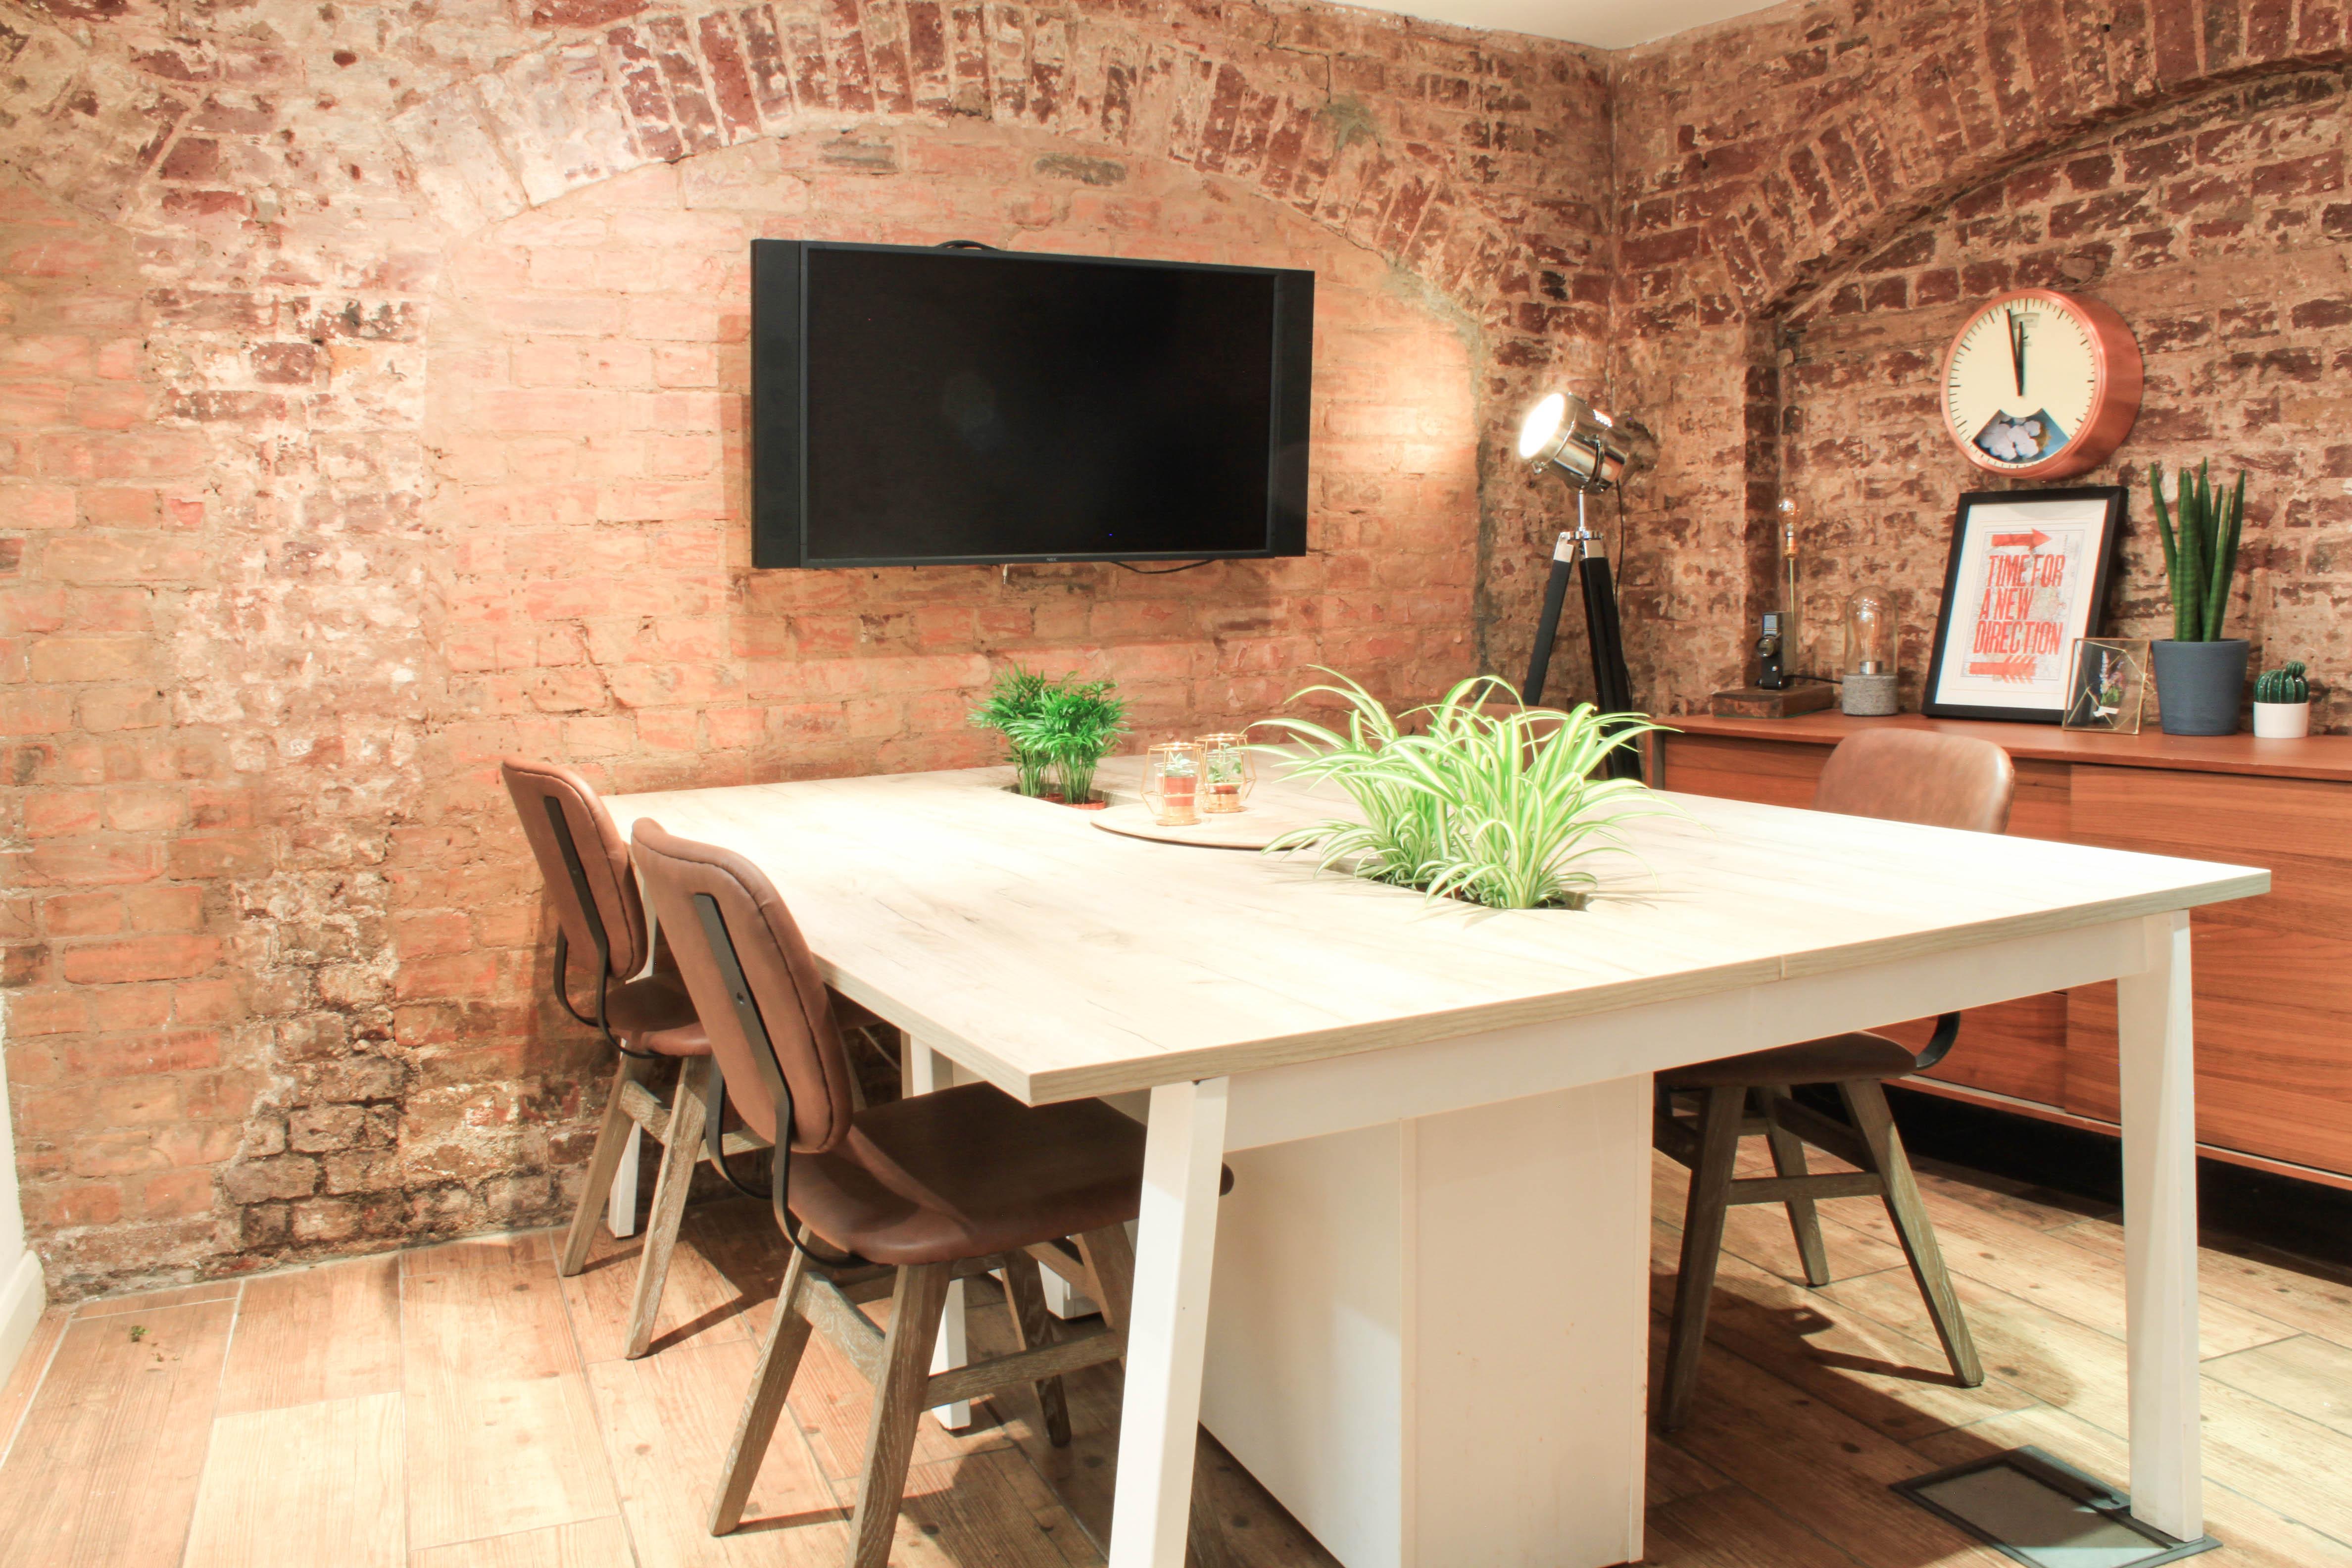 Meeting Room Hire in Waterloo